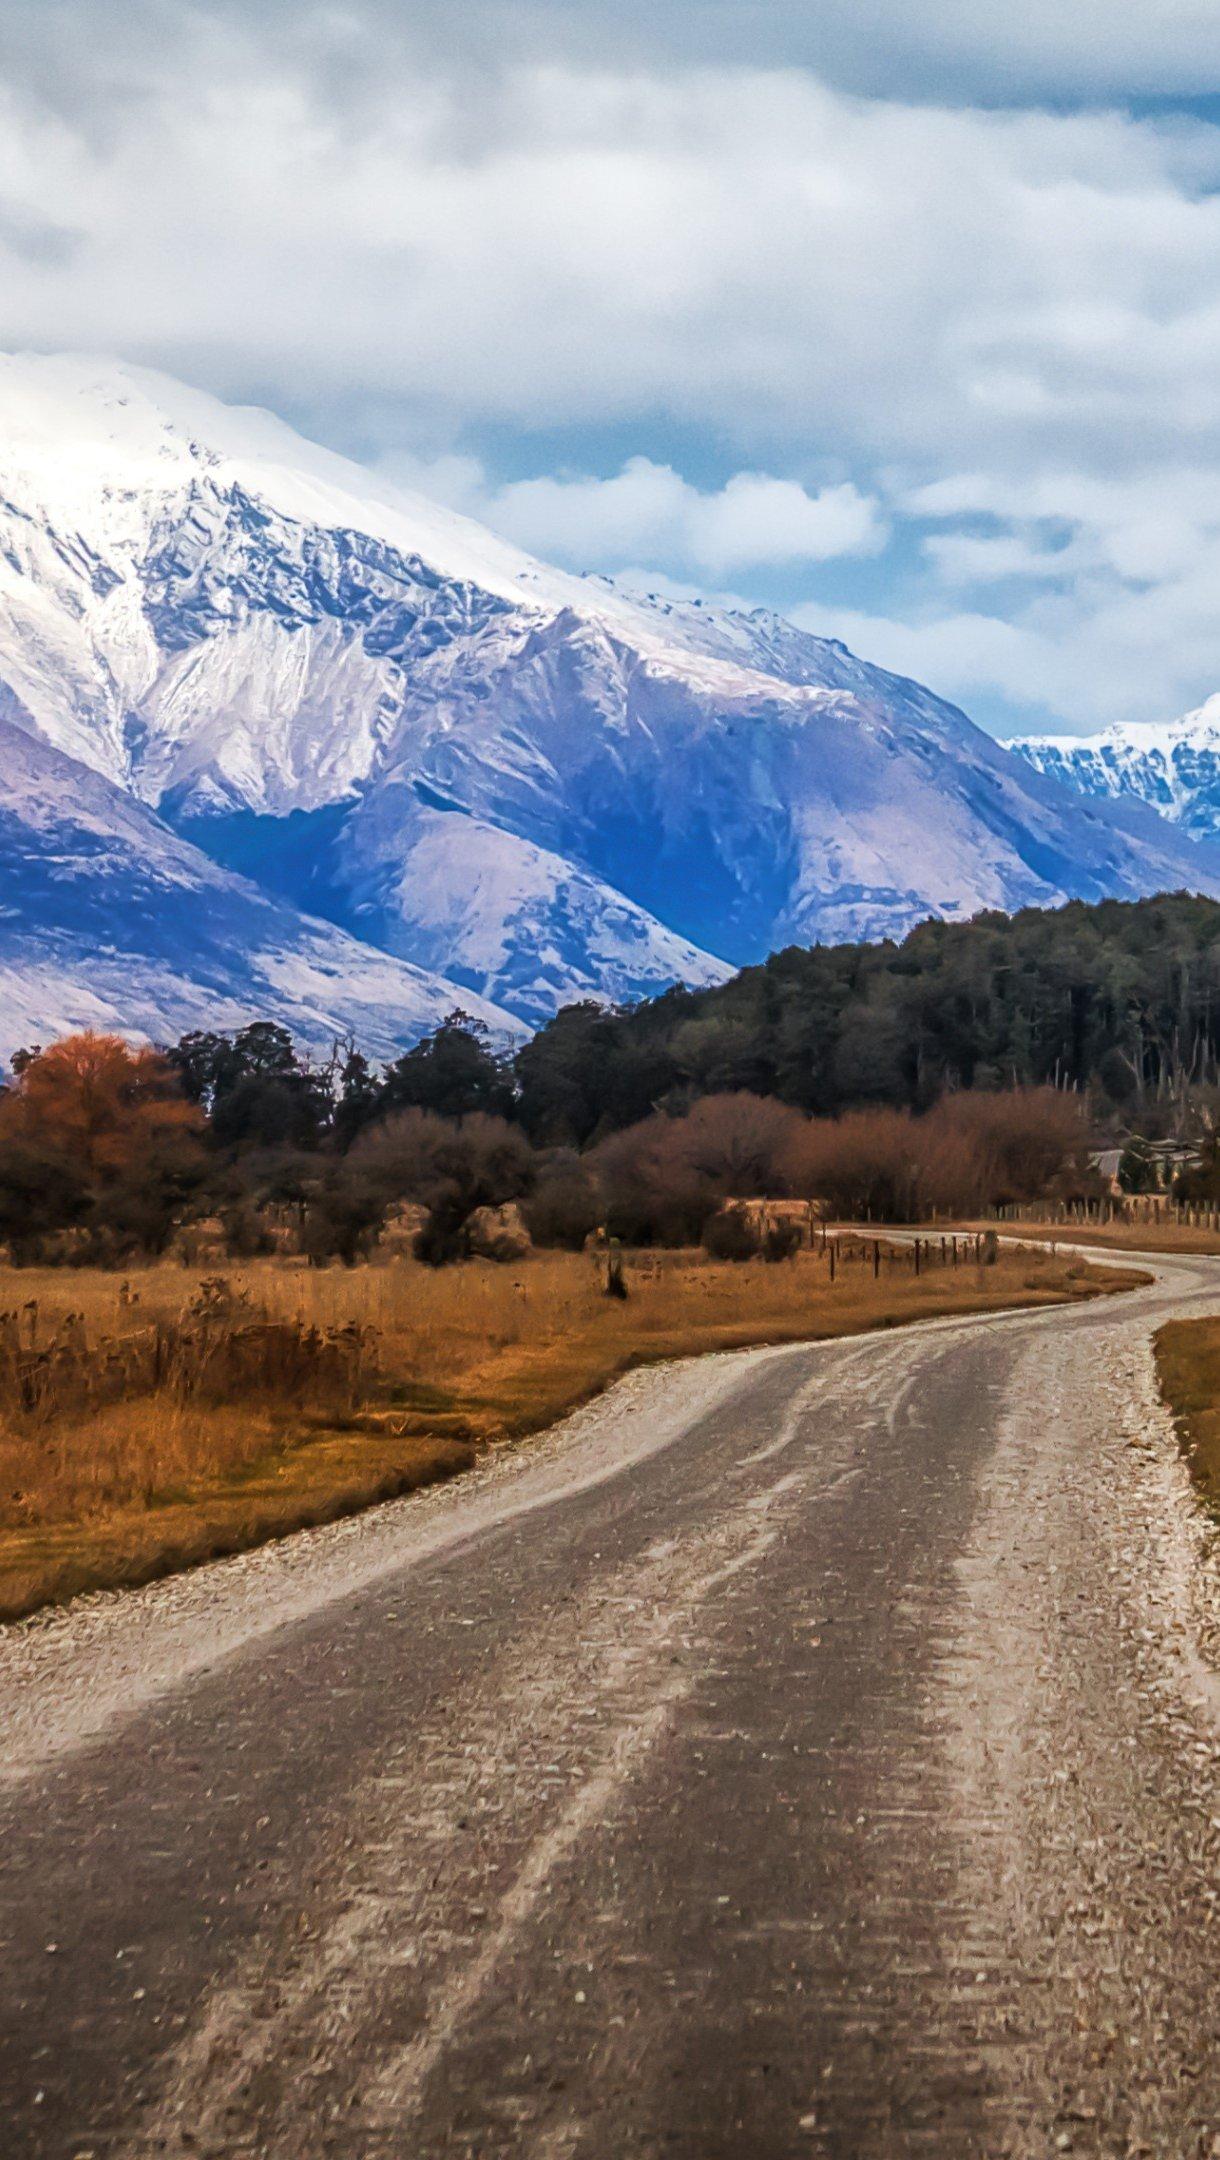 Fondos de pantalla Montaña Glenorchy en Nueva Zelanda Vertical